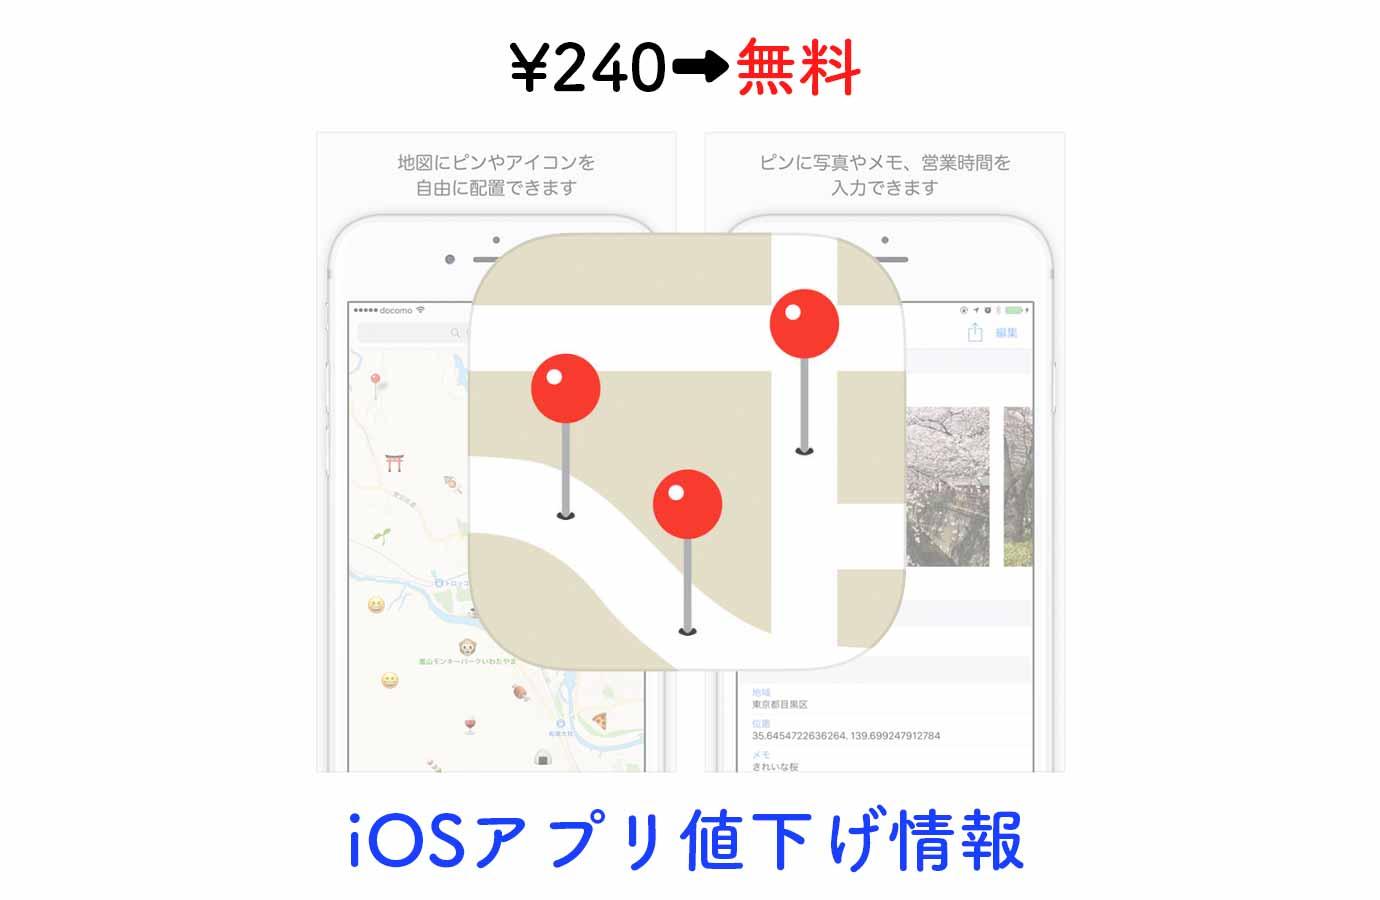 240円→無料、ピンや絵文字などを配置してオリジナルの地図が作れるアプリ「Droppin」など【7/18】iOSアプリ値下げ情報